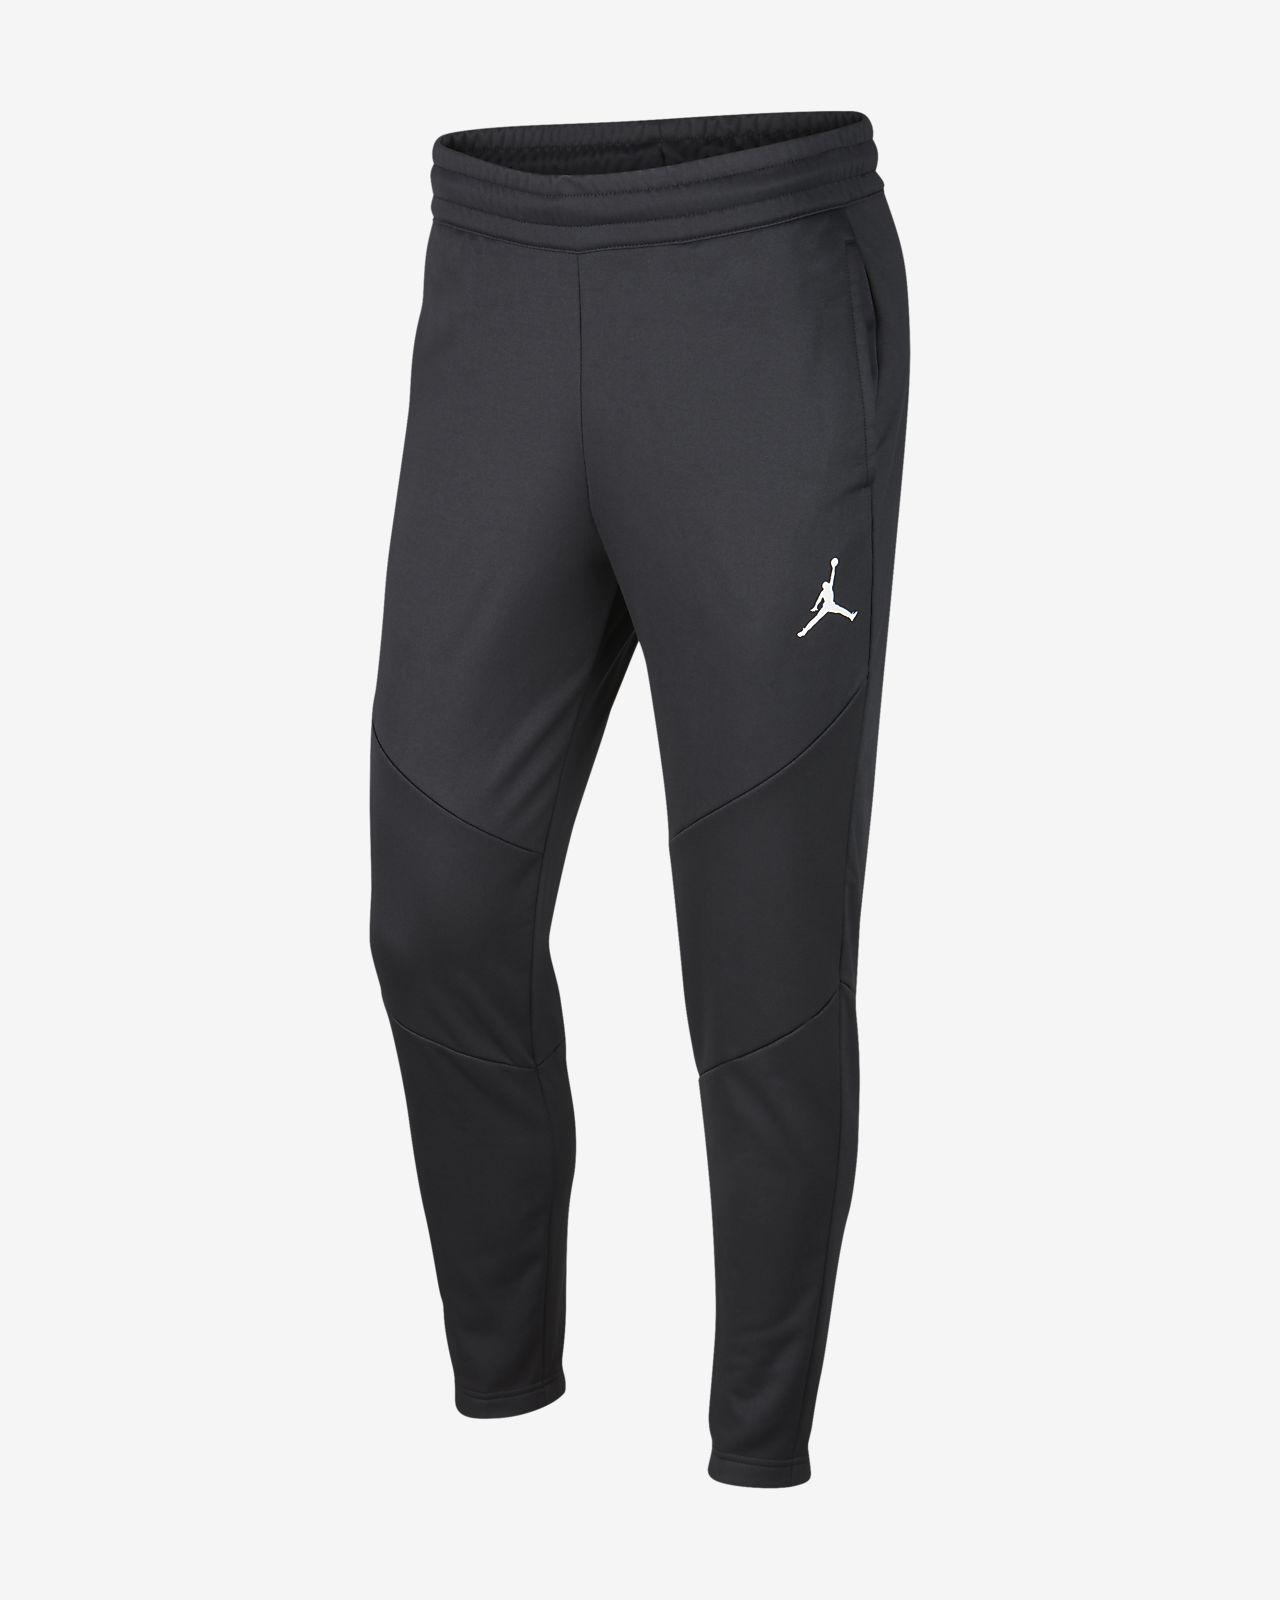 Herren Hose Schweiz   Schwarz Weiss Nike Sportbekleidung